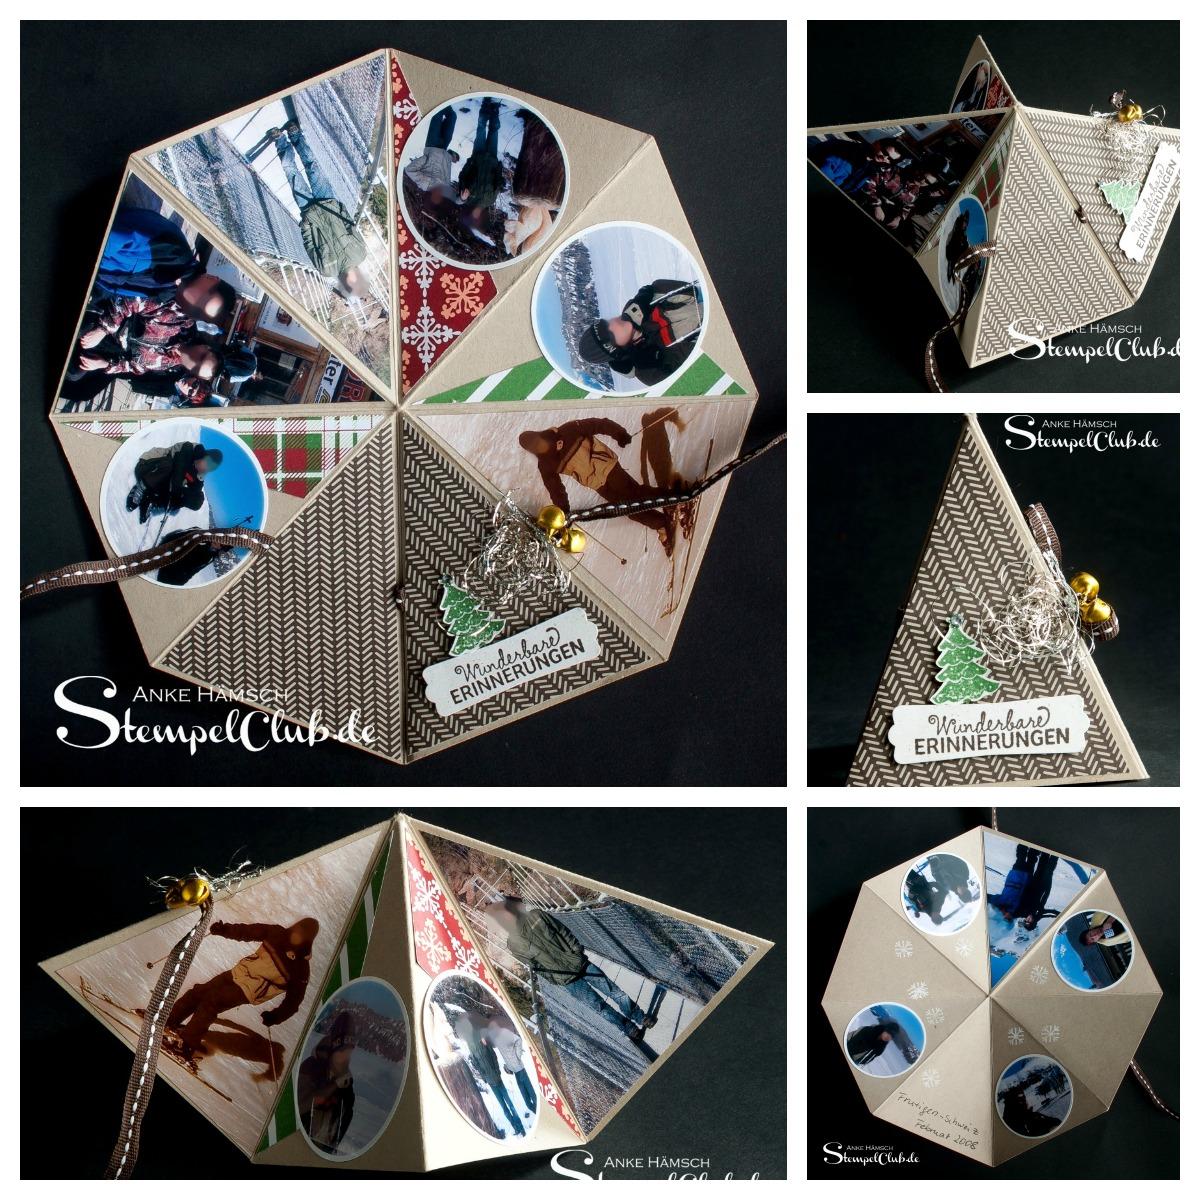 Minialbum in einer Achteckform - Octagonalbum, Stampin up